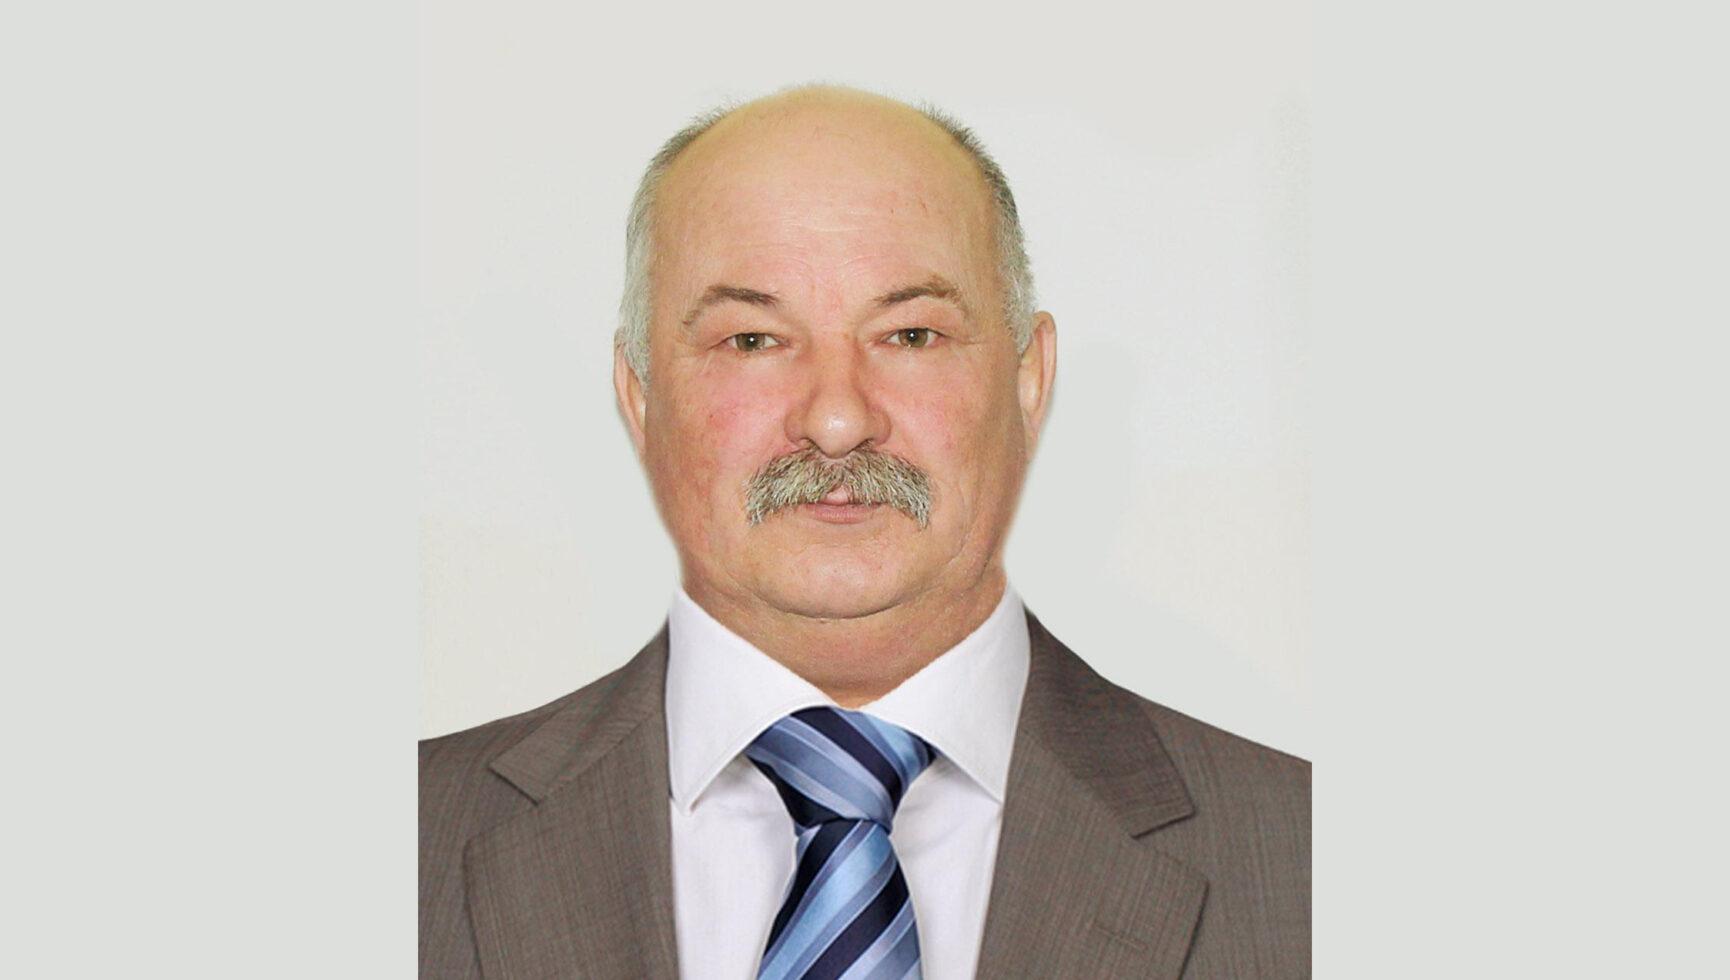 Поздравляем Пузикова Виктора Александровича, главу муниципального образования Ревякинское Ясногорского района, с юбилеем!